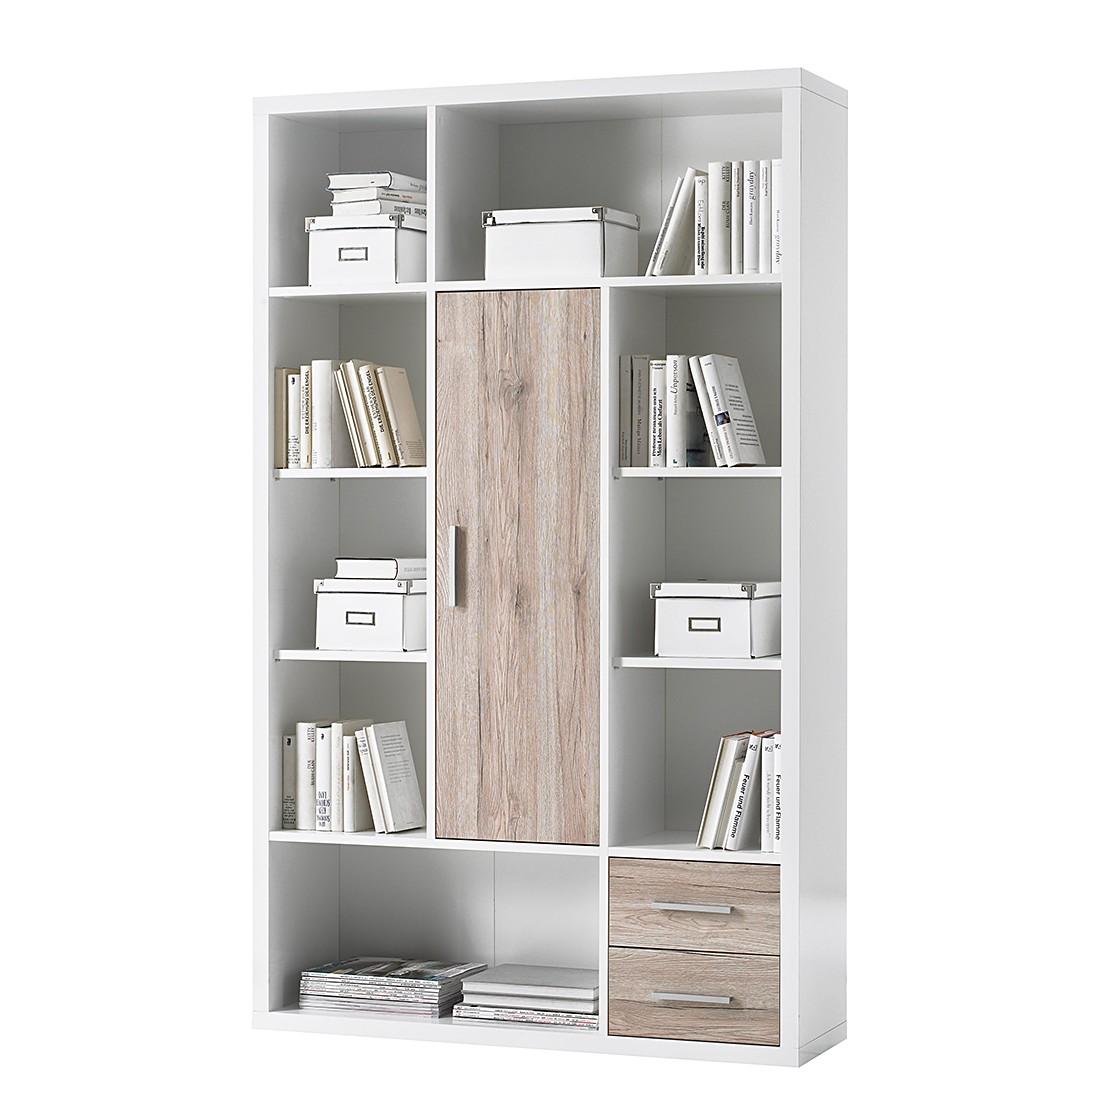 Open kast Nestor II - hoogglans wit/San Remo eikenhouten look, home24 office